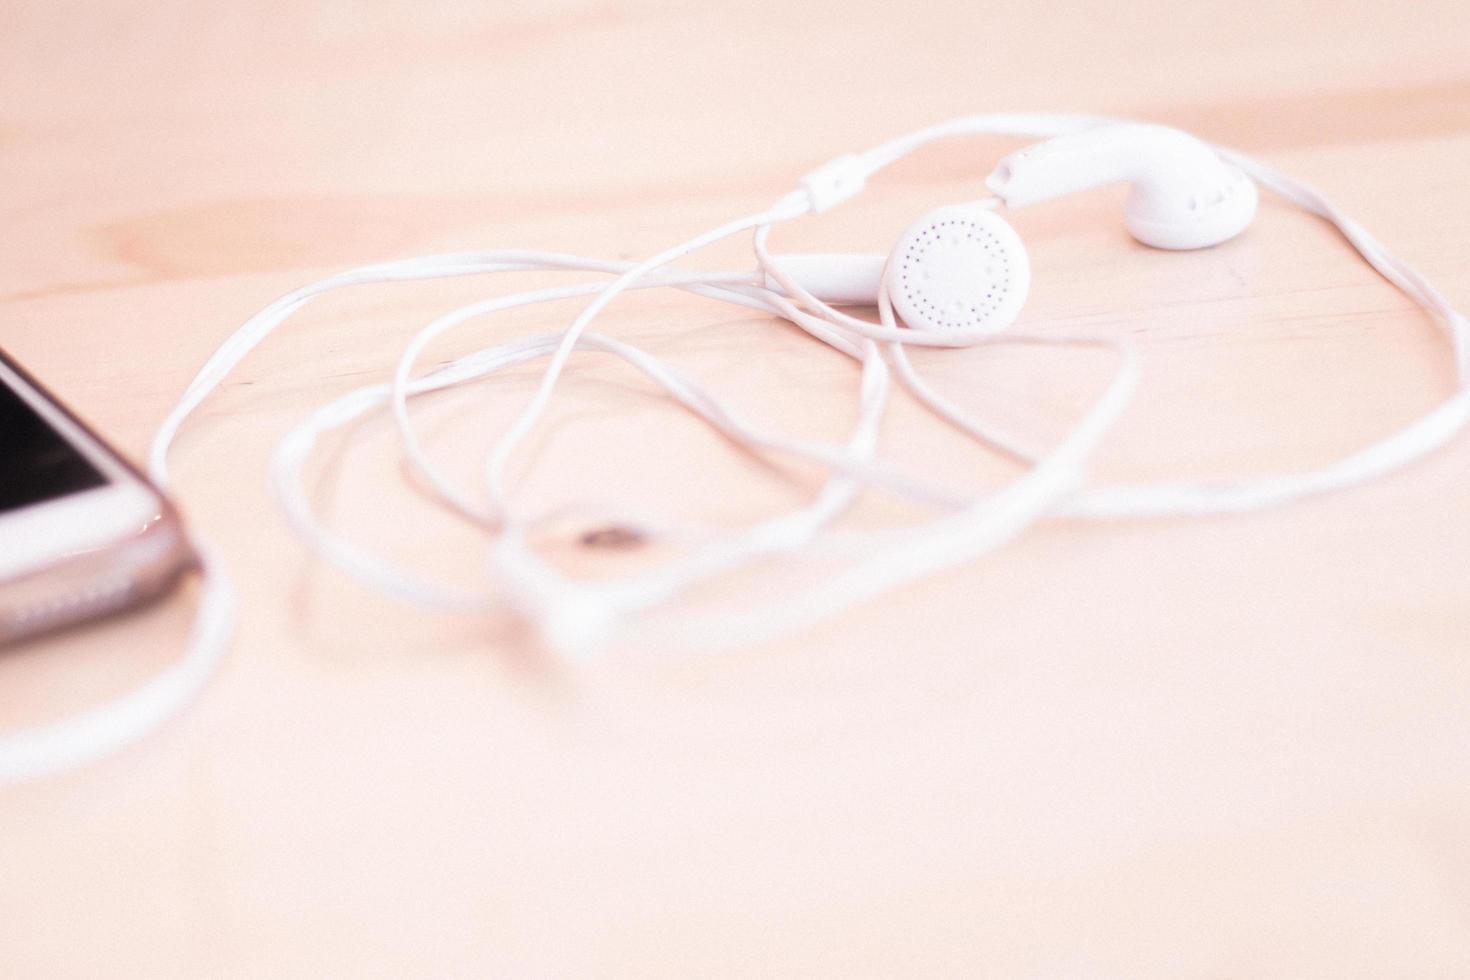 auriculares blancos sobre fondo neutro foto